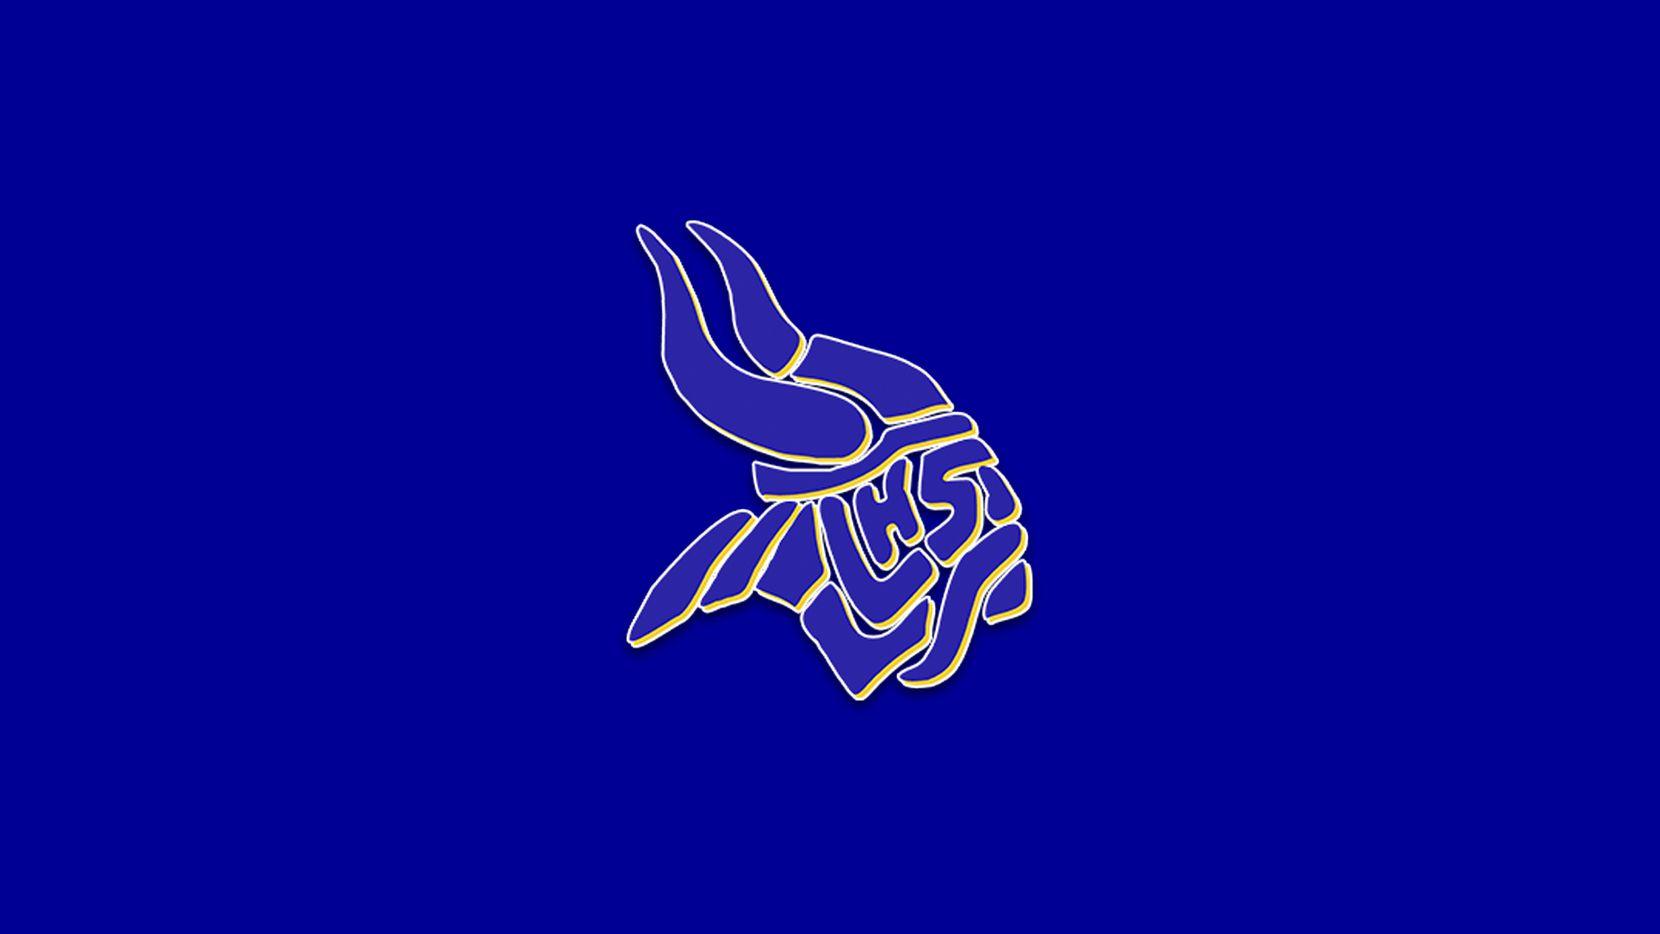 Arlington Lamar logo.